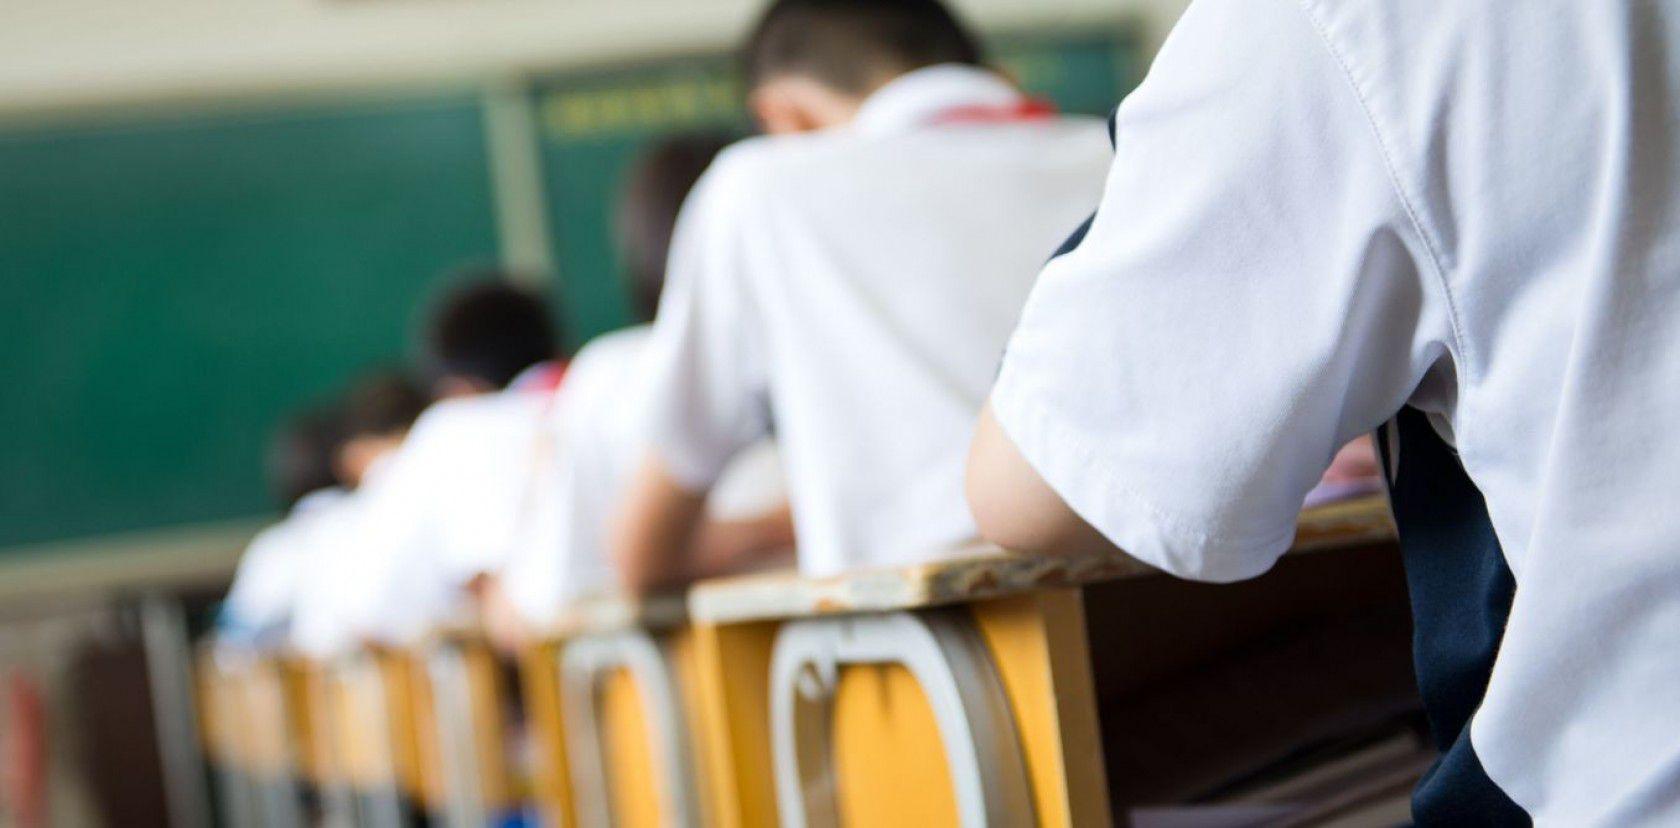 Yurtdışı Lise Matura Programlarına Başvuru Şartları Nelerdir?